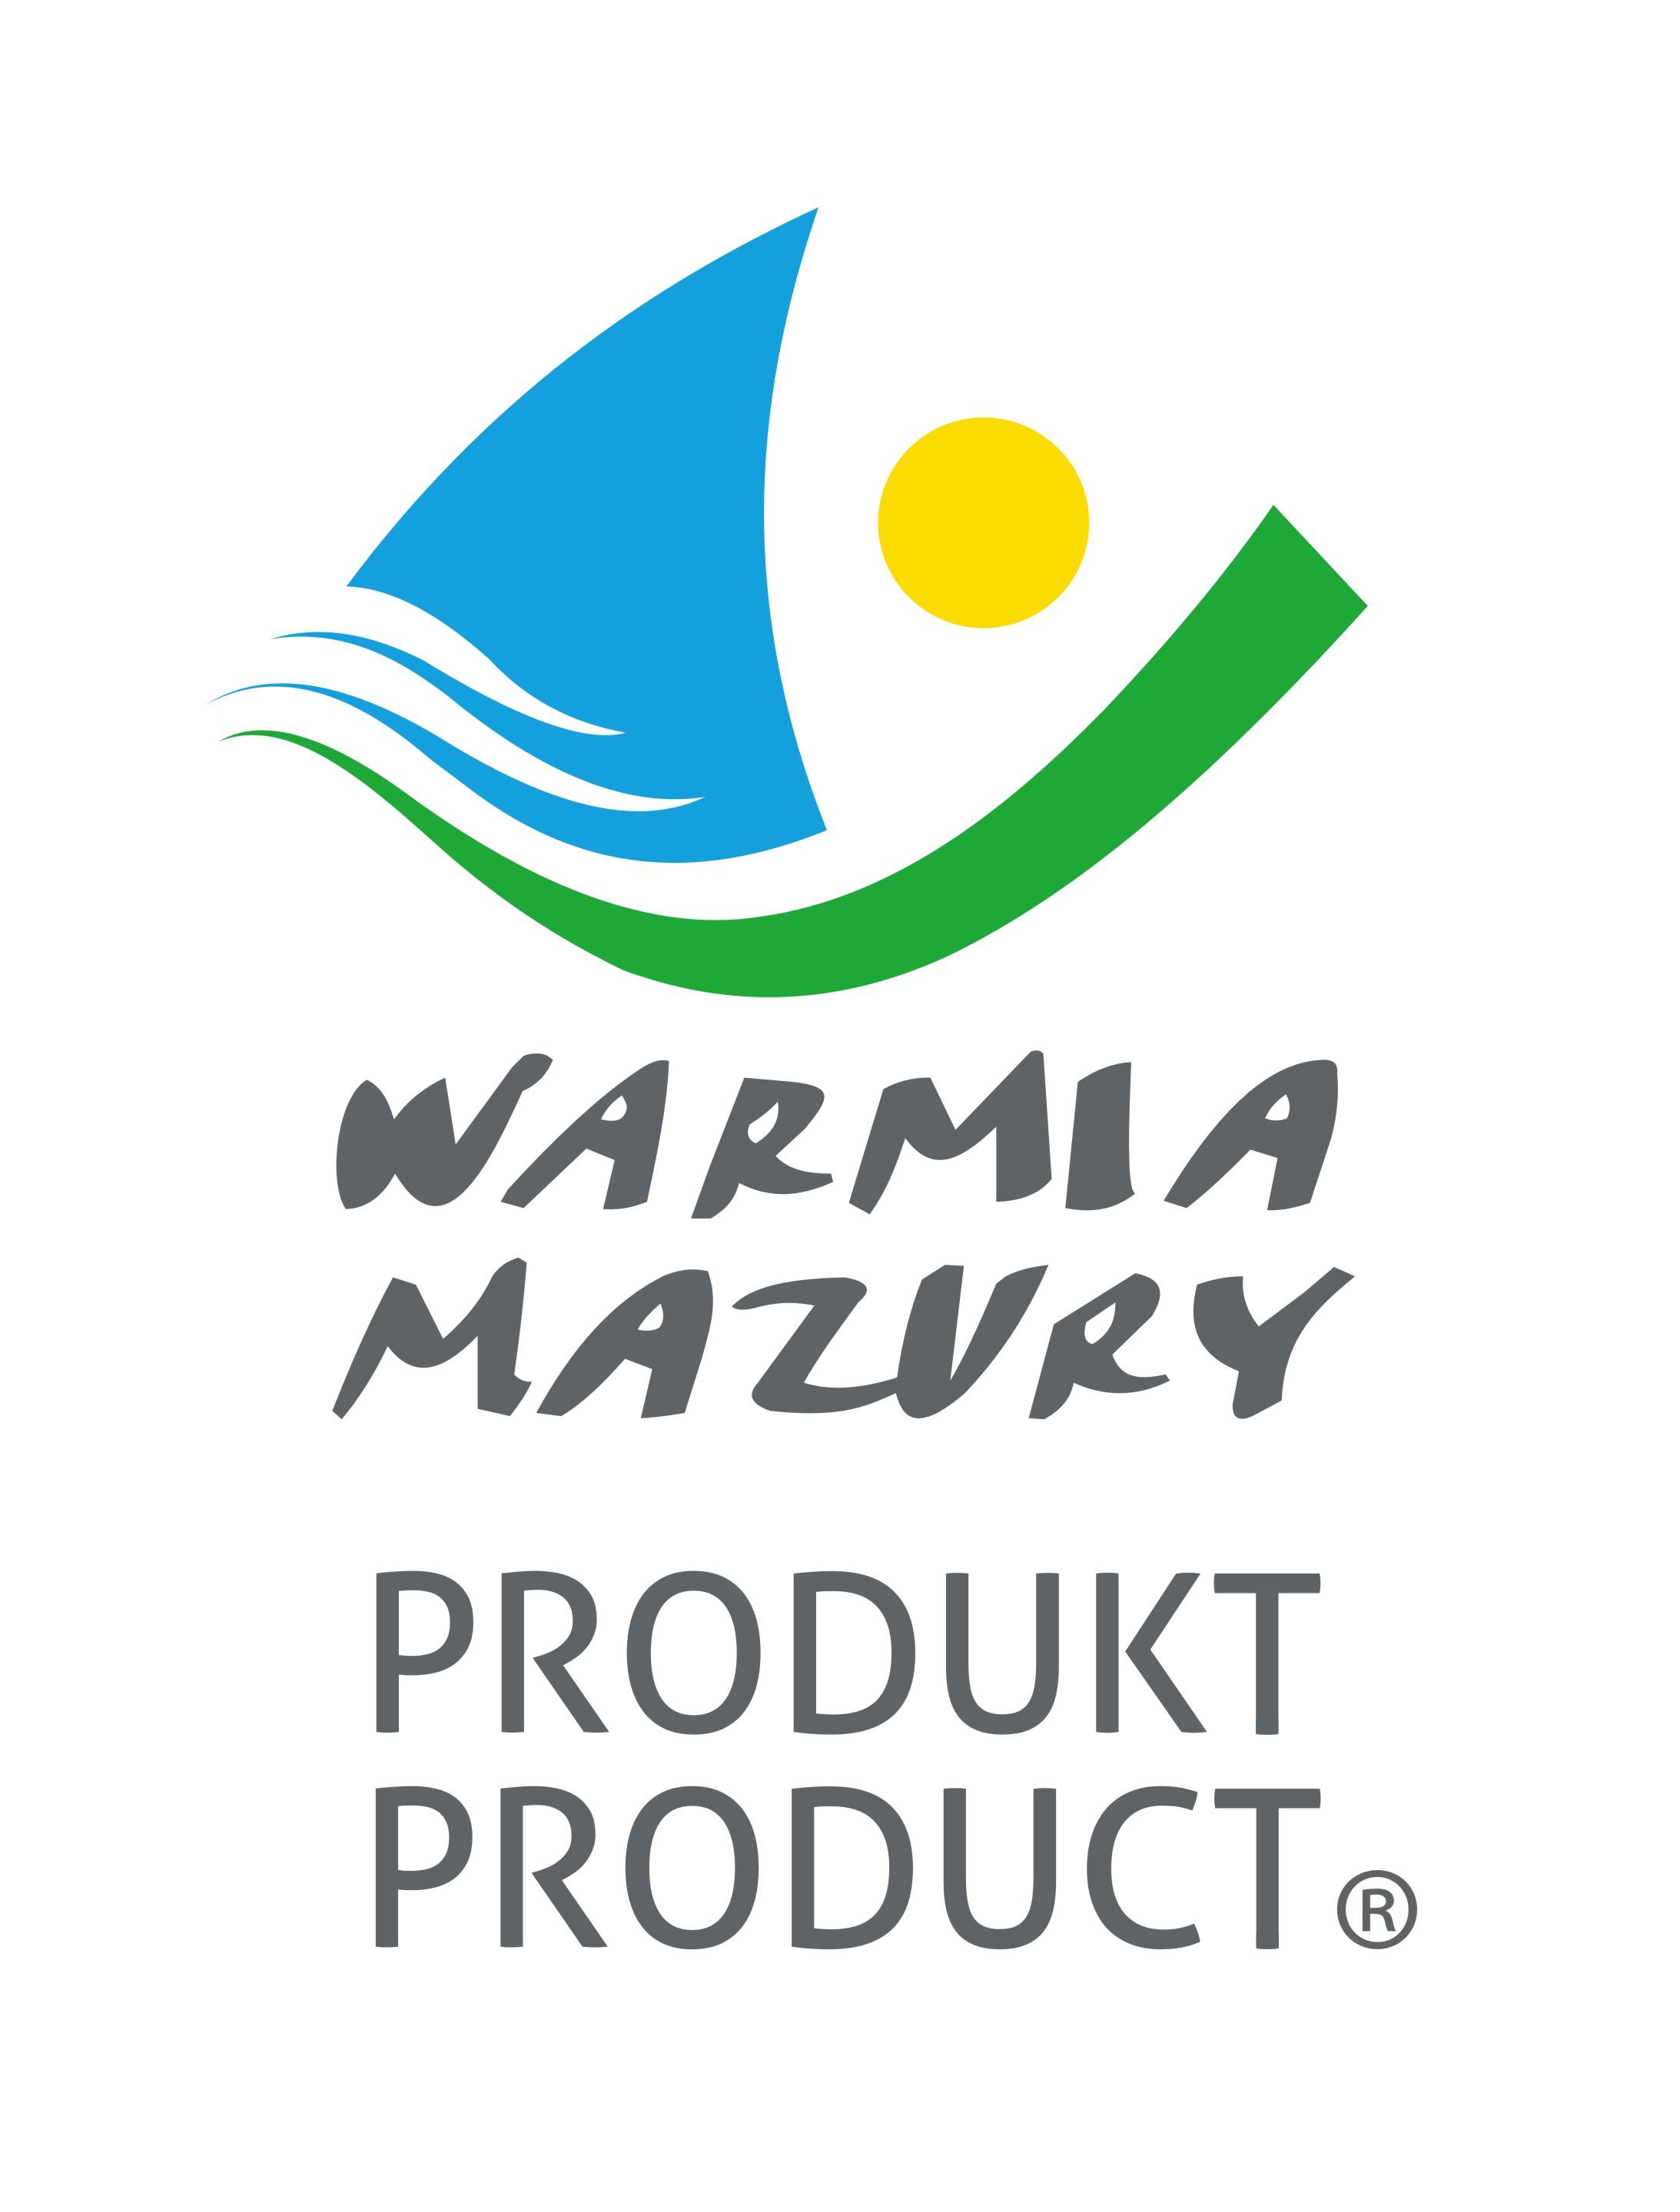 https://m.wm.pl/2020/11/orig/szlak-wodny-pisa-narew-wyrozniony-znakiem-produkt-warm-ia-mazury-657055.jpg